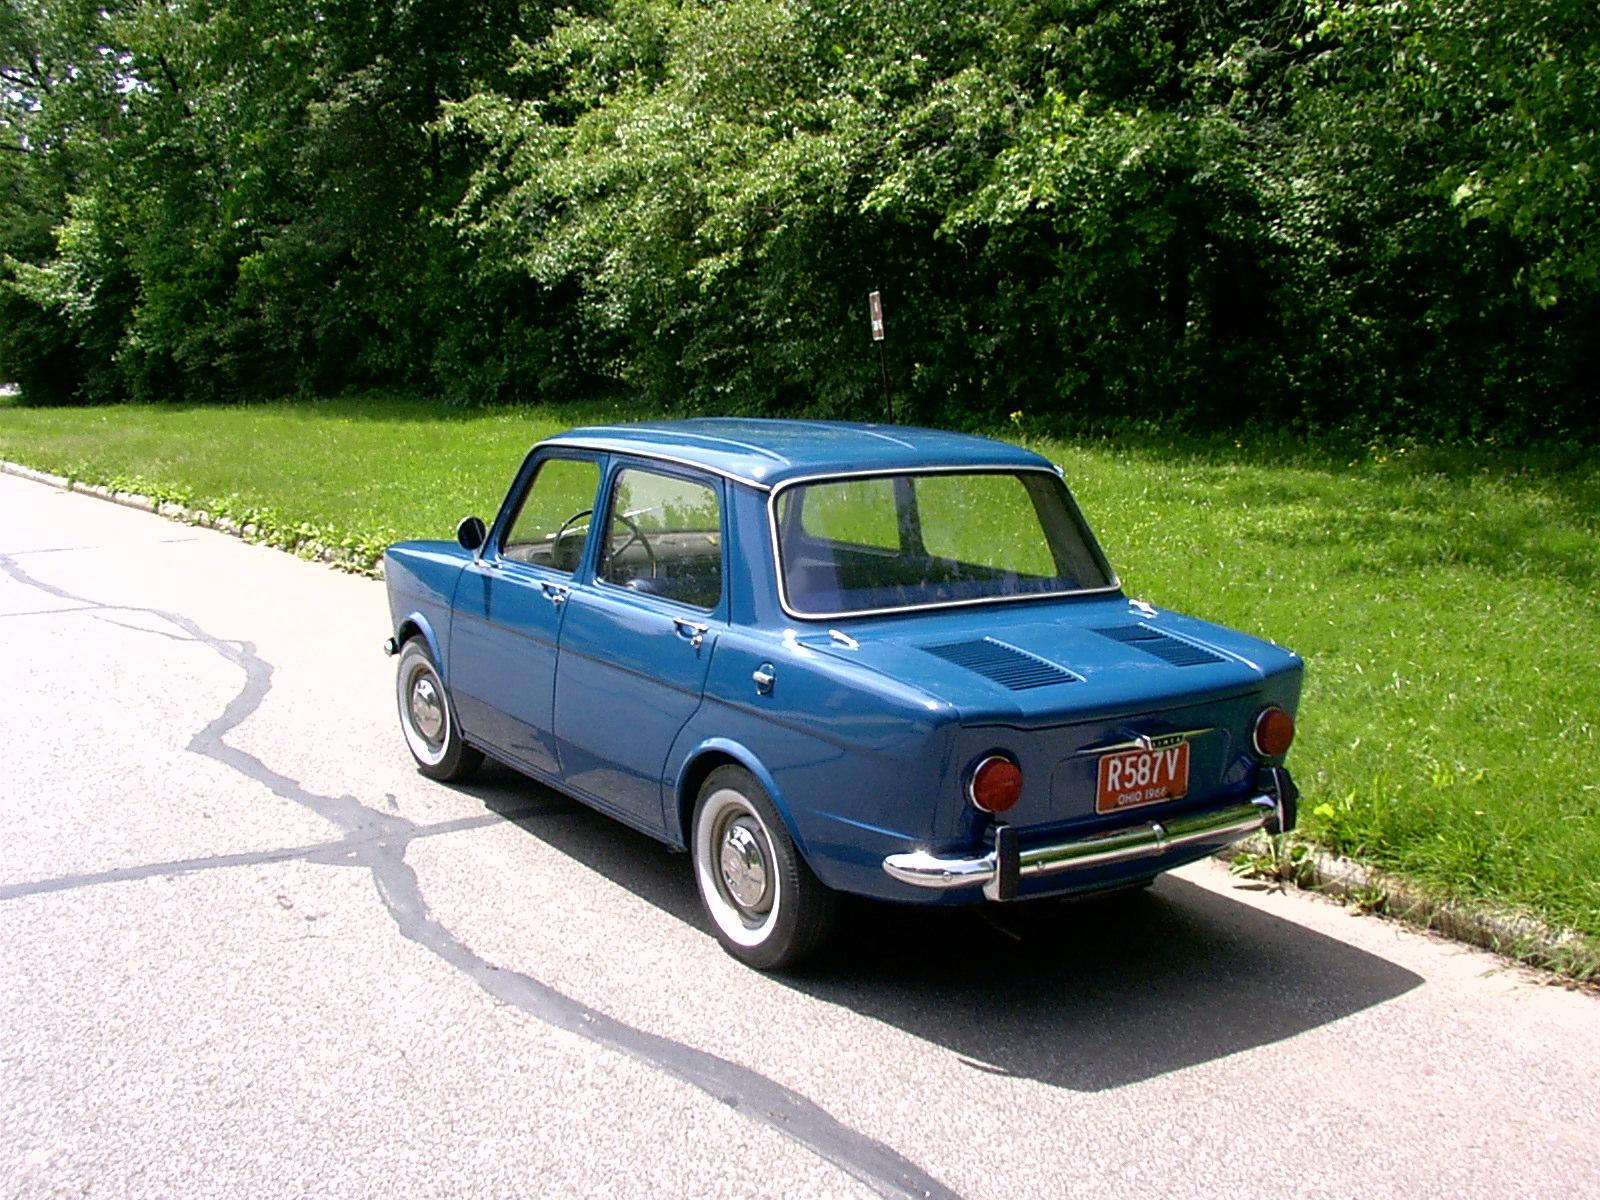 A 1966 Simca 1000